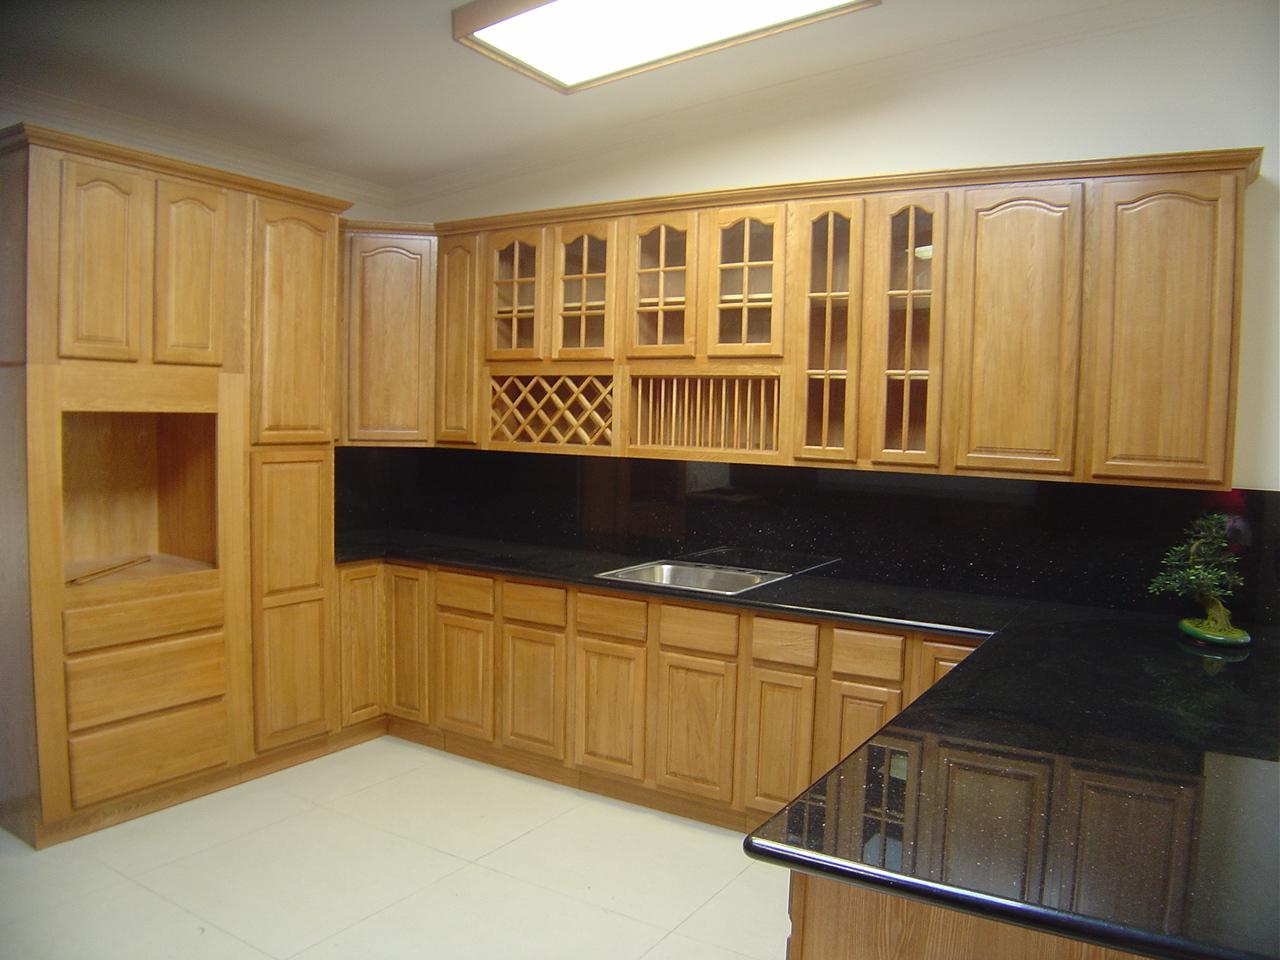 kitchen minimalist modern design kitchen design ideas hote ls small kitchen designs creative minimalist kitchen design